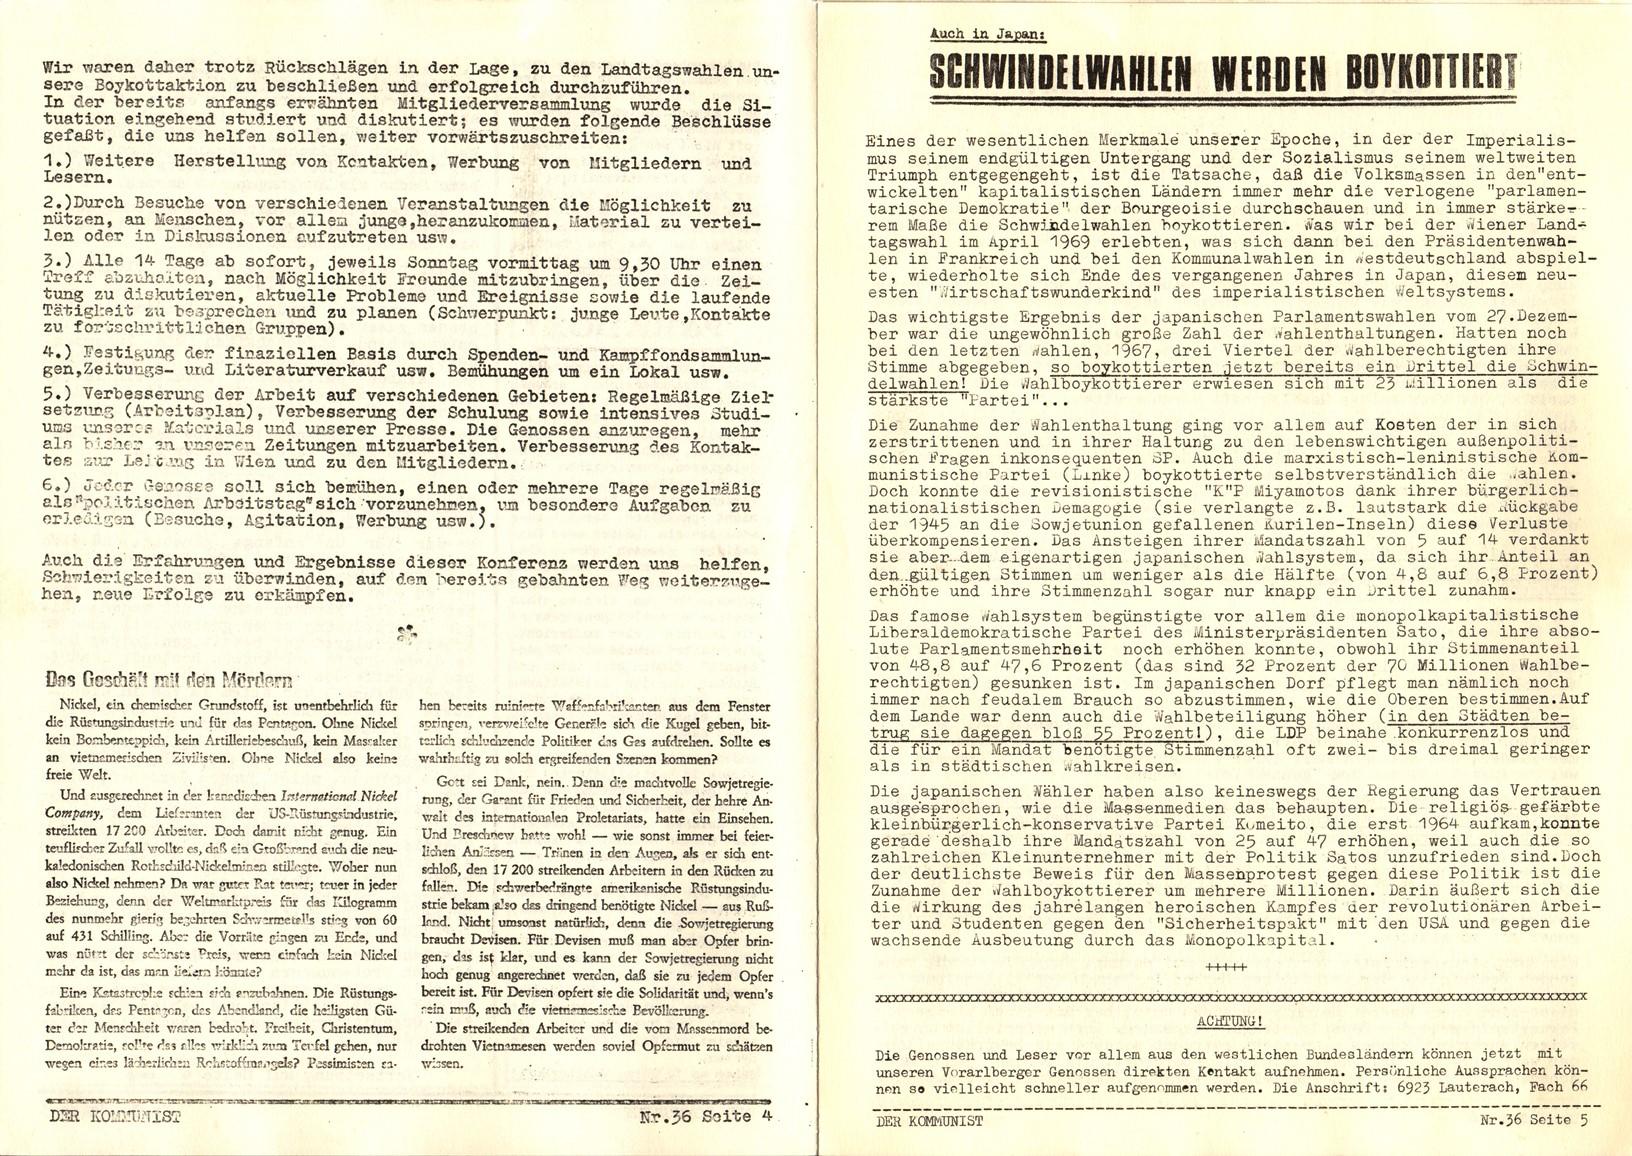 VRA_Der_Kommunist_19700200_03